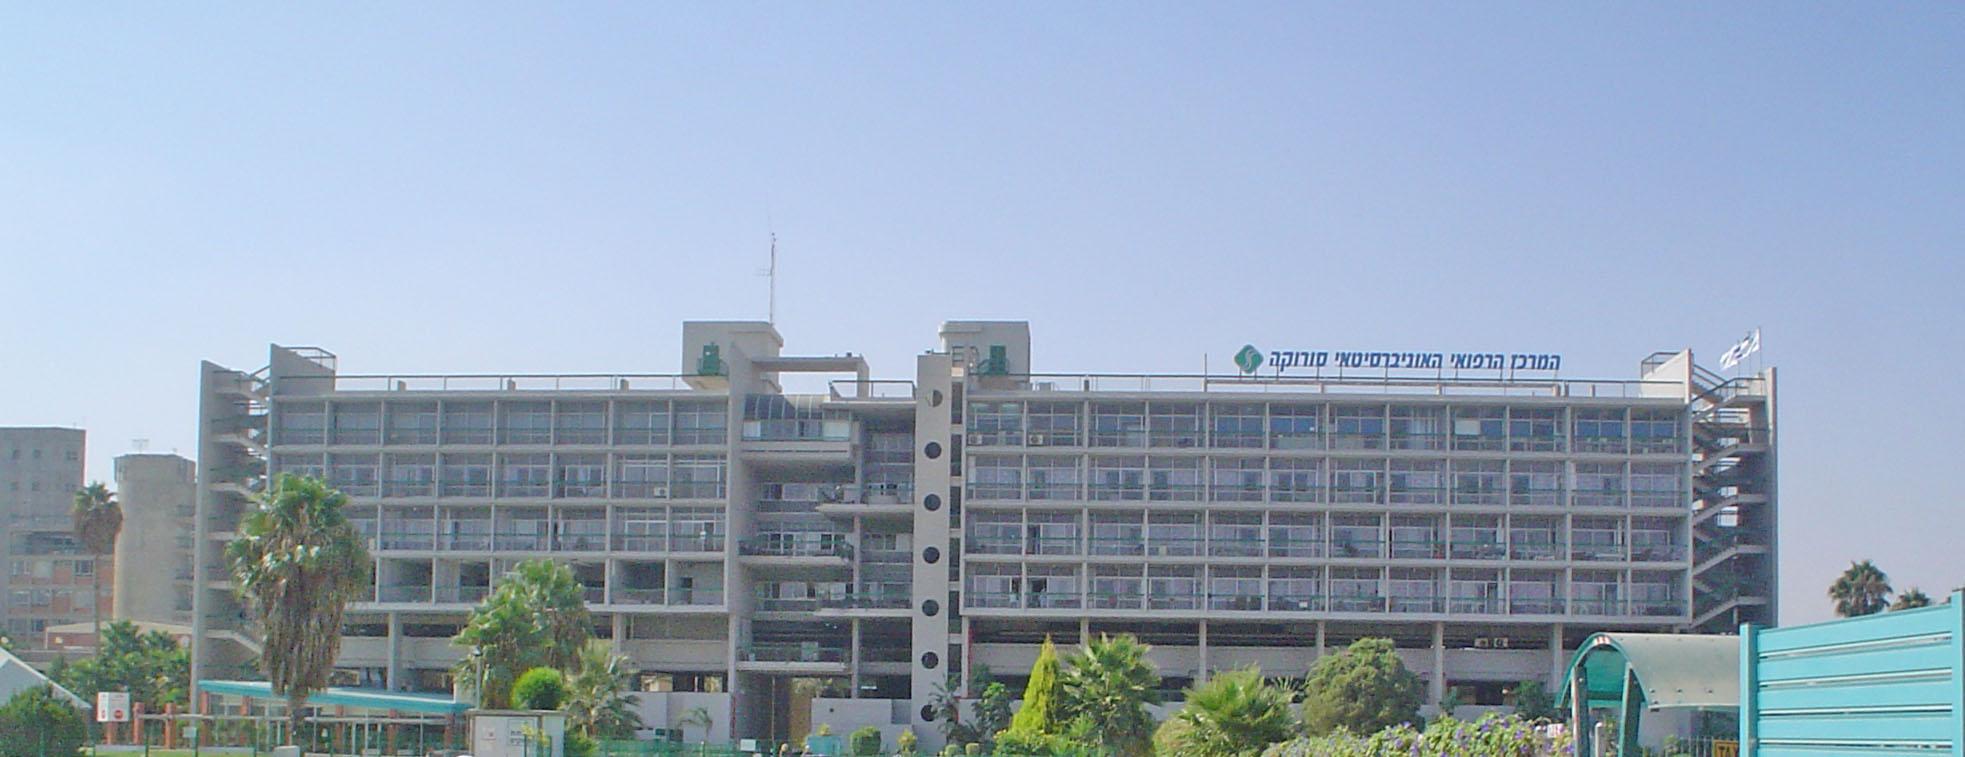 Újabb súlyos betegség terjed Dél-Izraelben